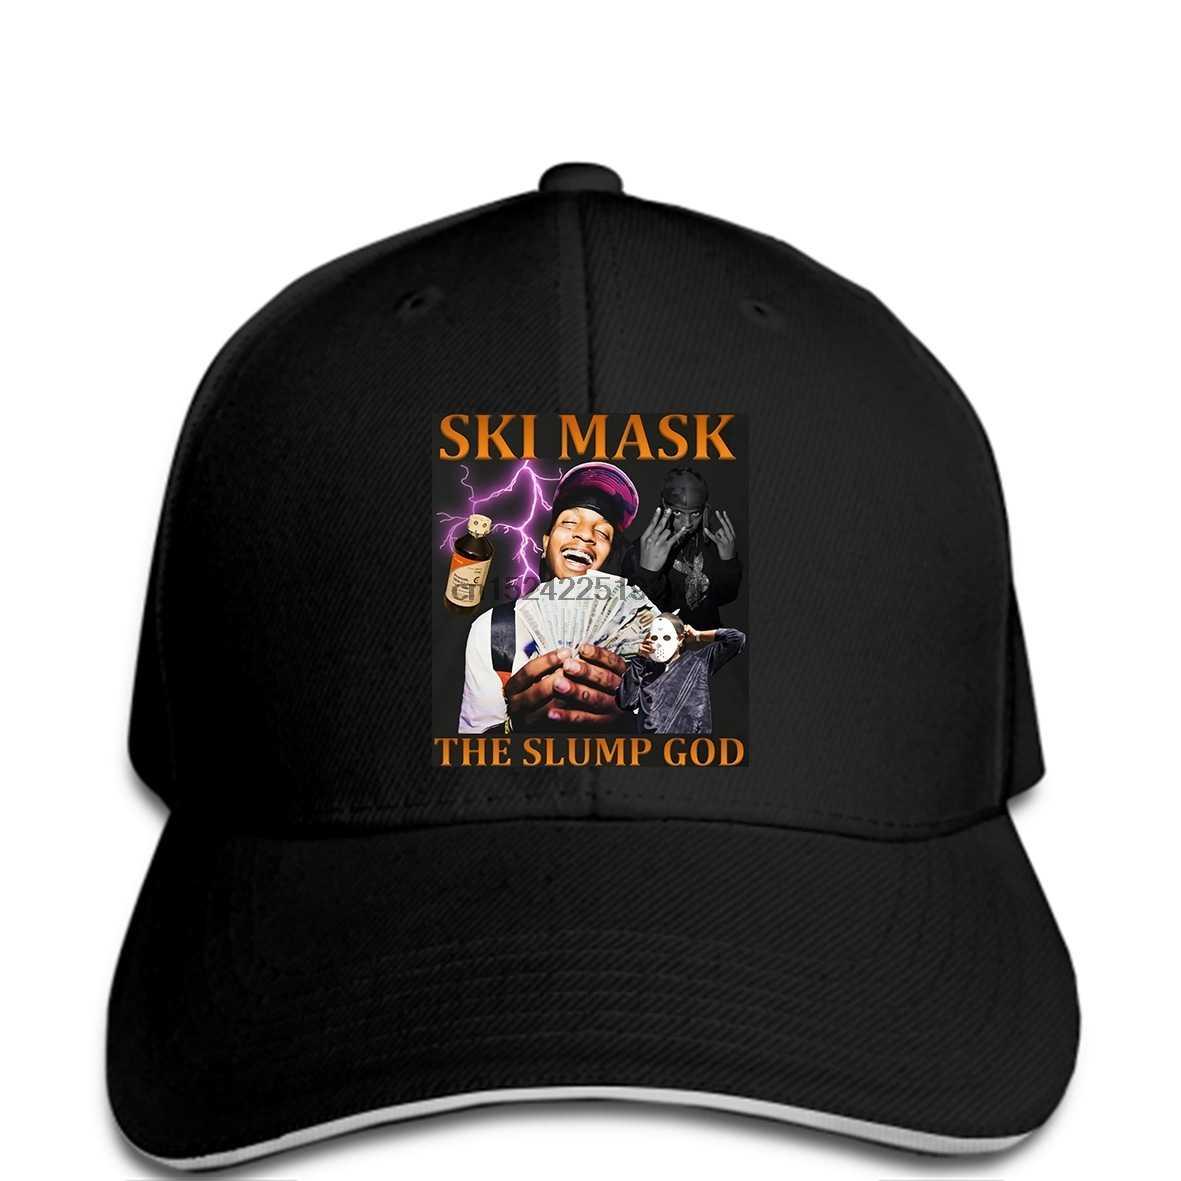 Men Baseball cap Ski Mask The Slump God Rap Baseball cap funny cap novelty  cap women 11a191e674c